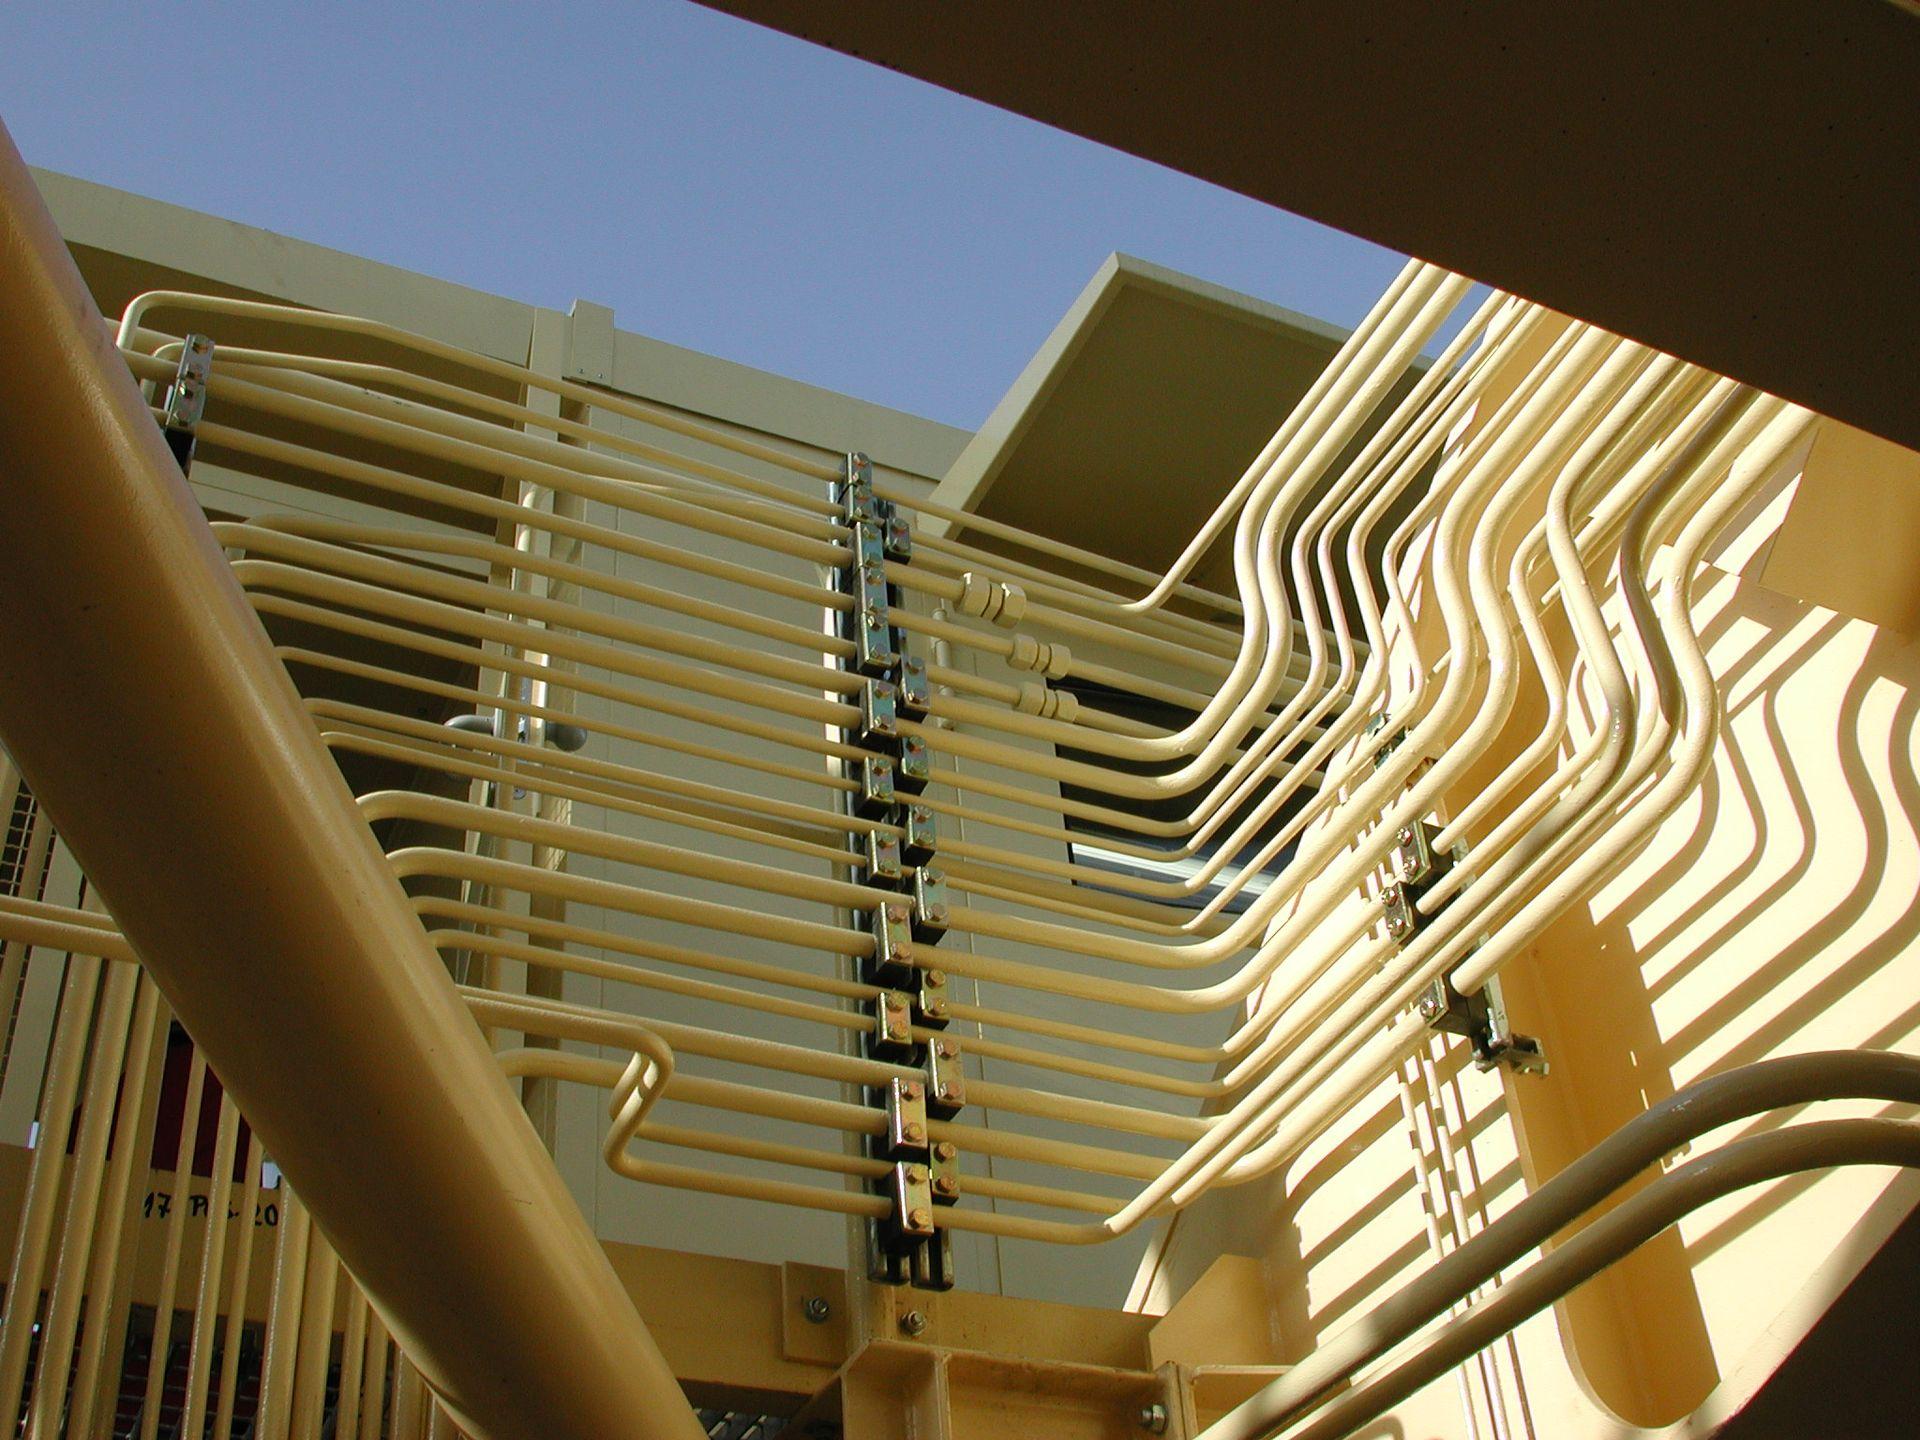 Blick auf Hydraulikrohrleitungen